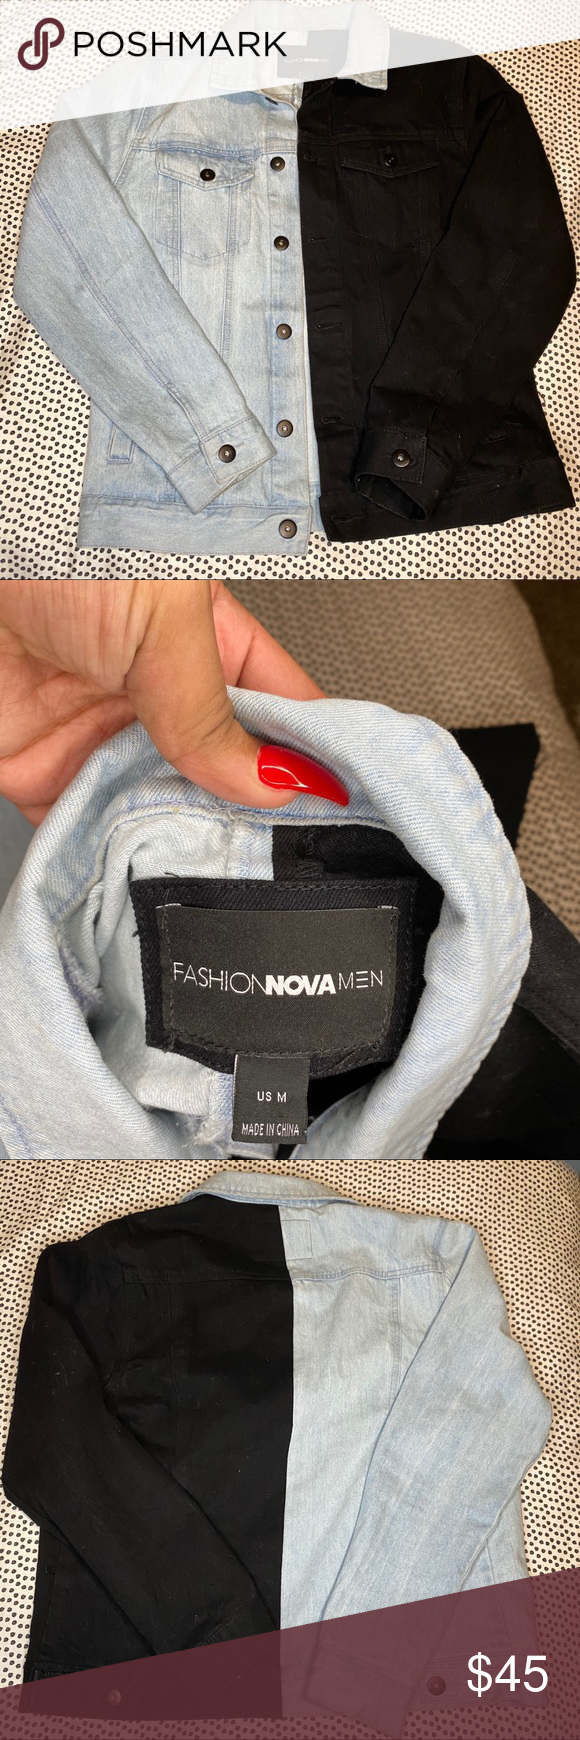 Fashion Nova Men S Two Tone Denim Jacket Medium Fashion Nova Men Two Tone Denim Jacket Size Medium Excellen Womens Fashion Shopping Fashion Shop Mens Fashion [ 1740 x 580 Pixel ]